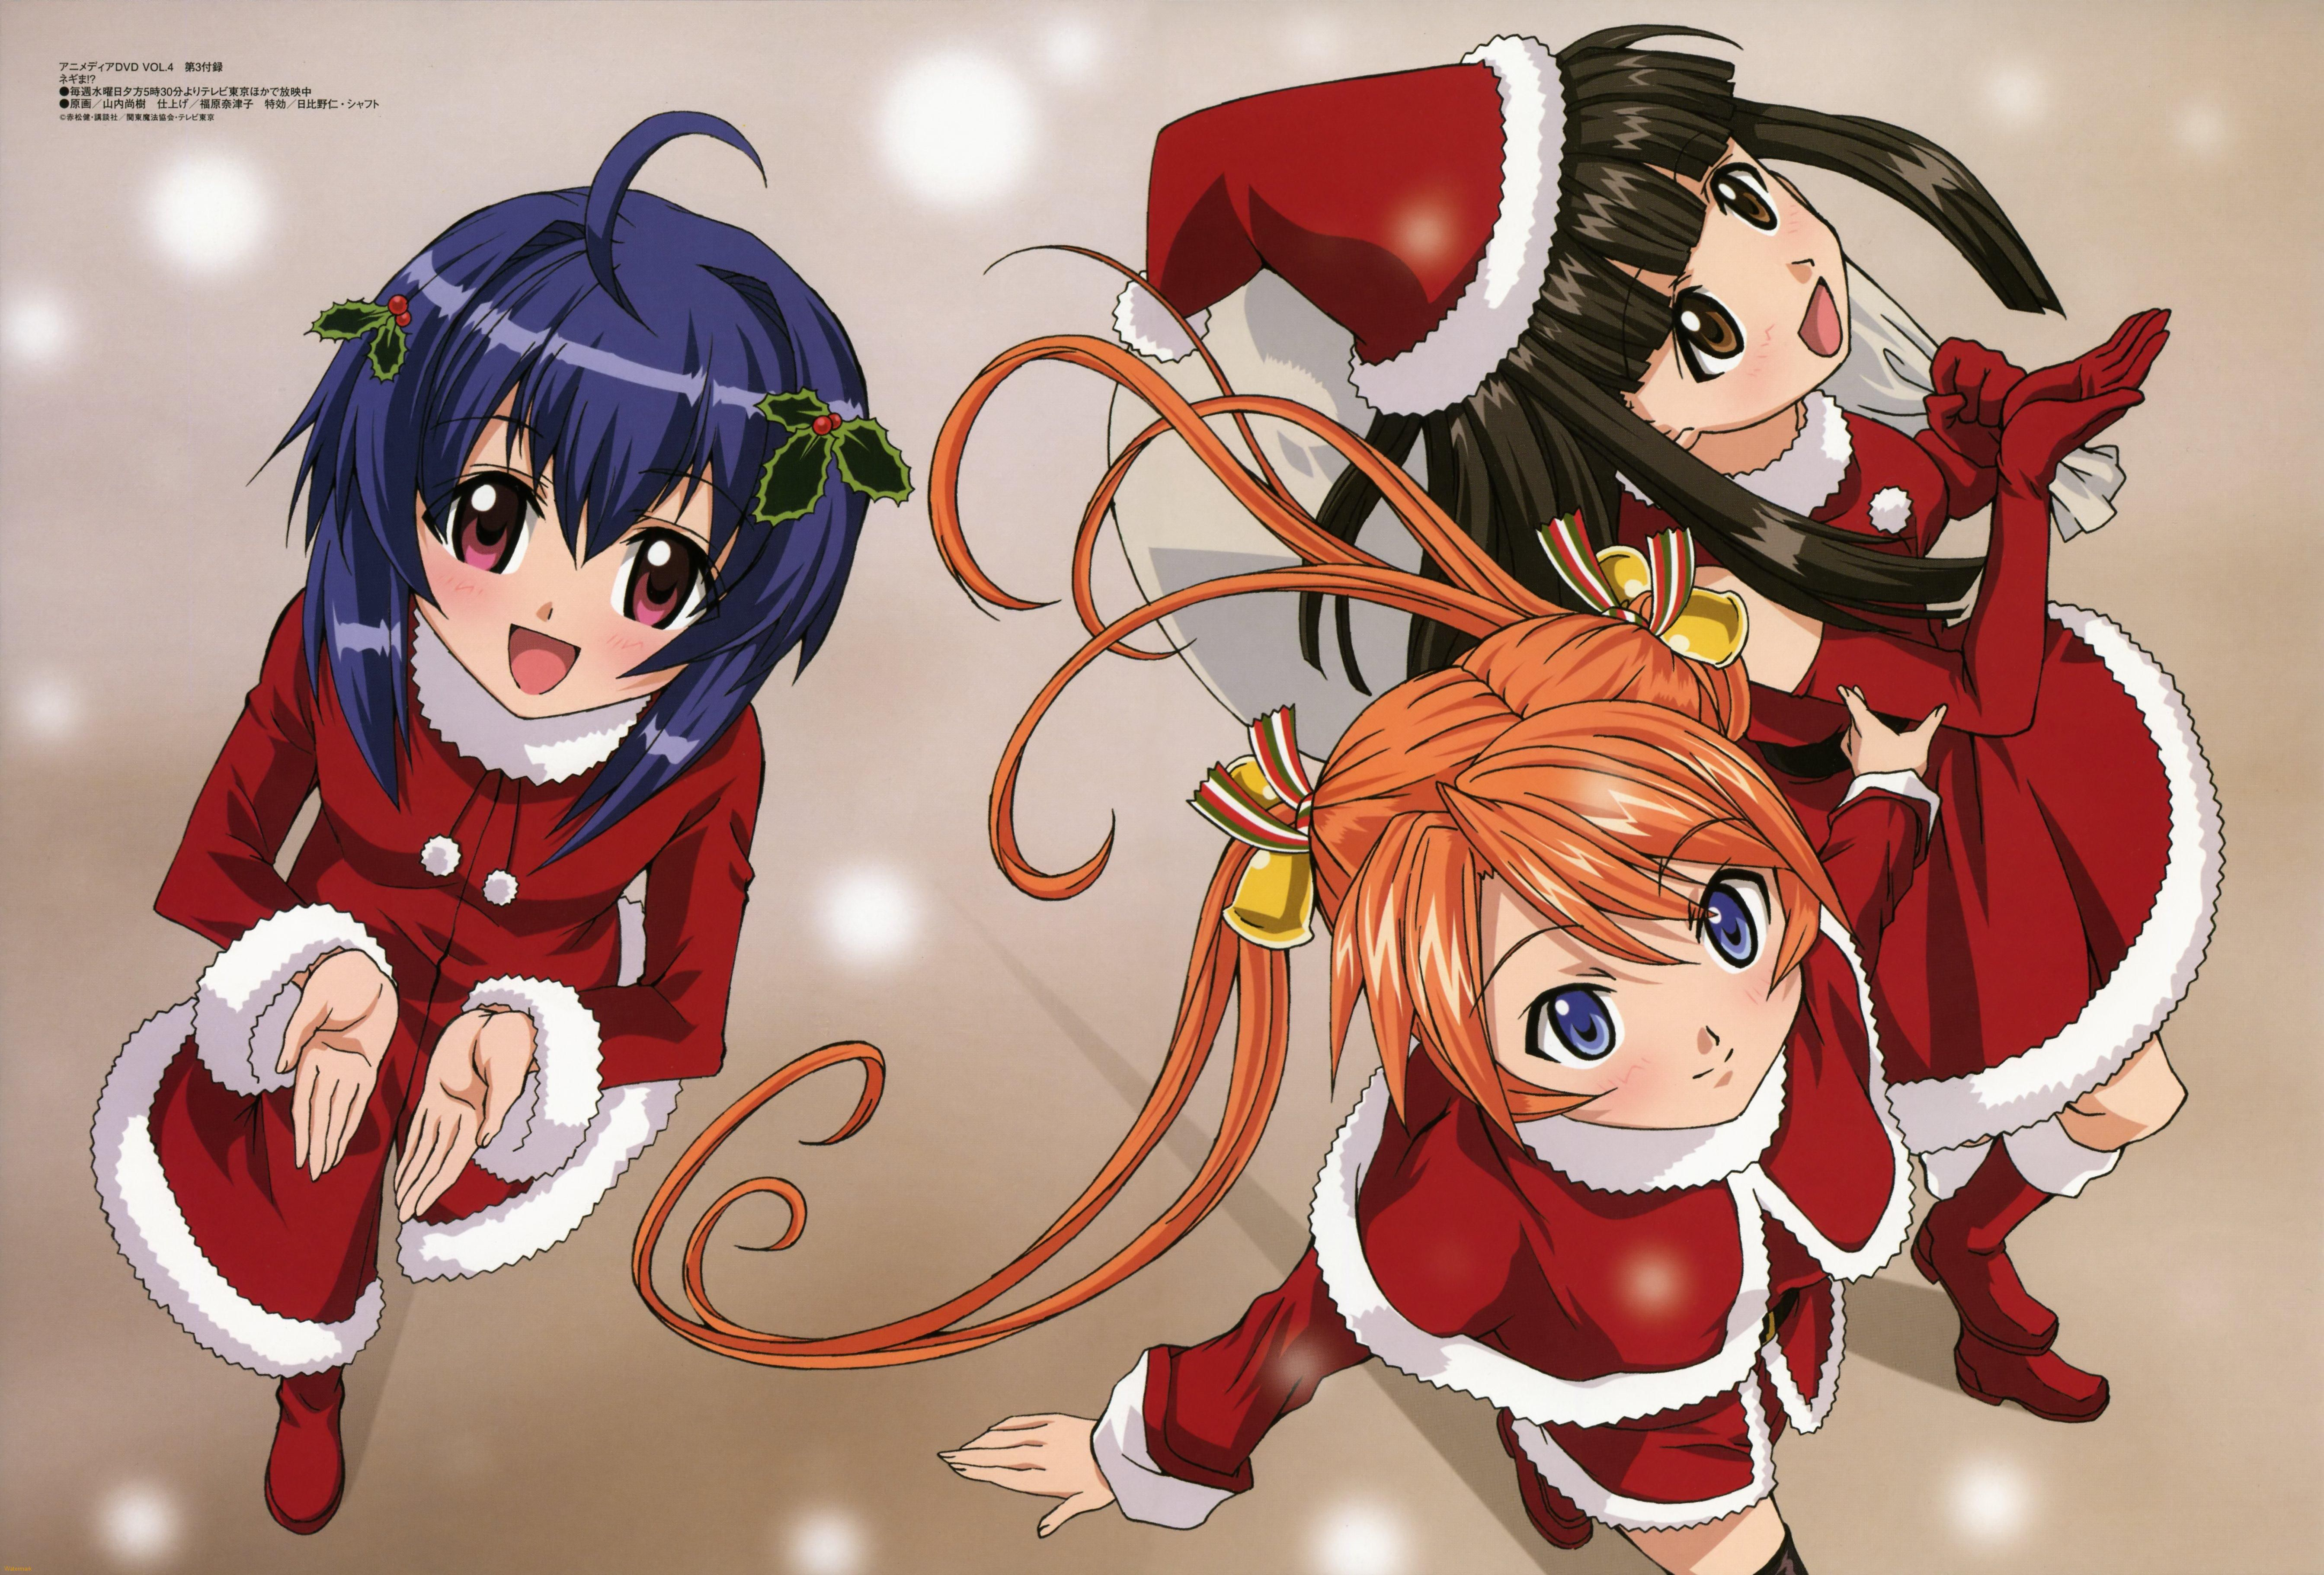 Negima Christmas Christmas Girls Christmas Anime Christmas